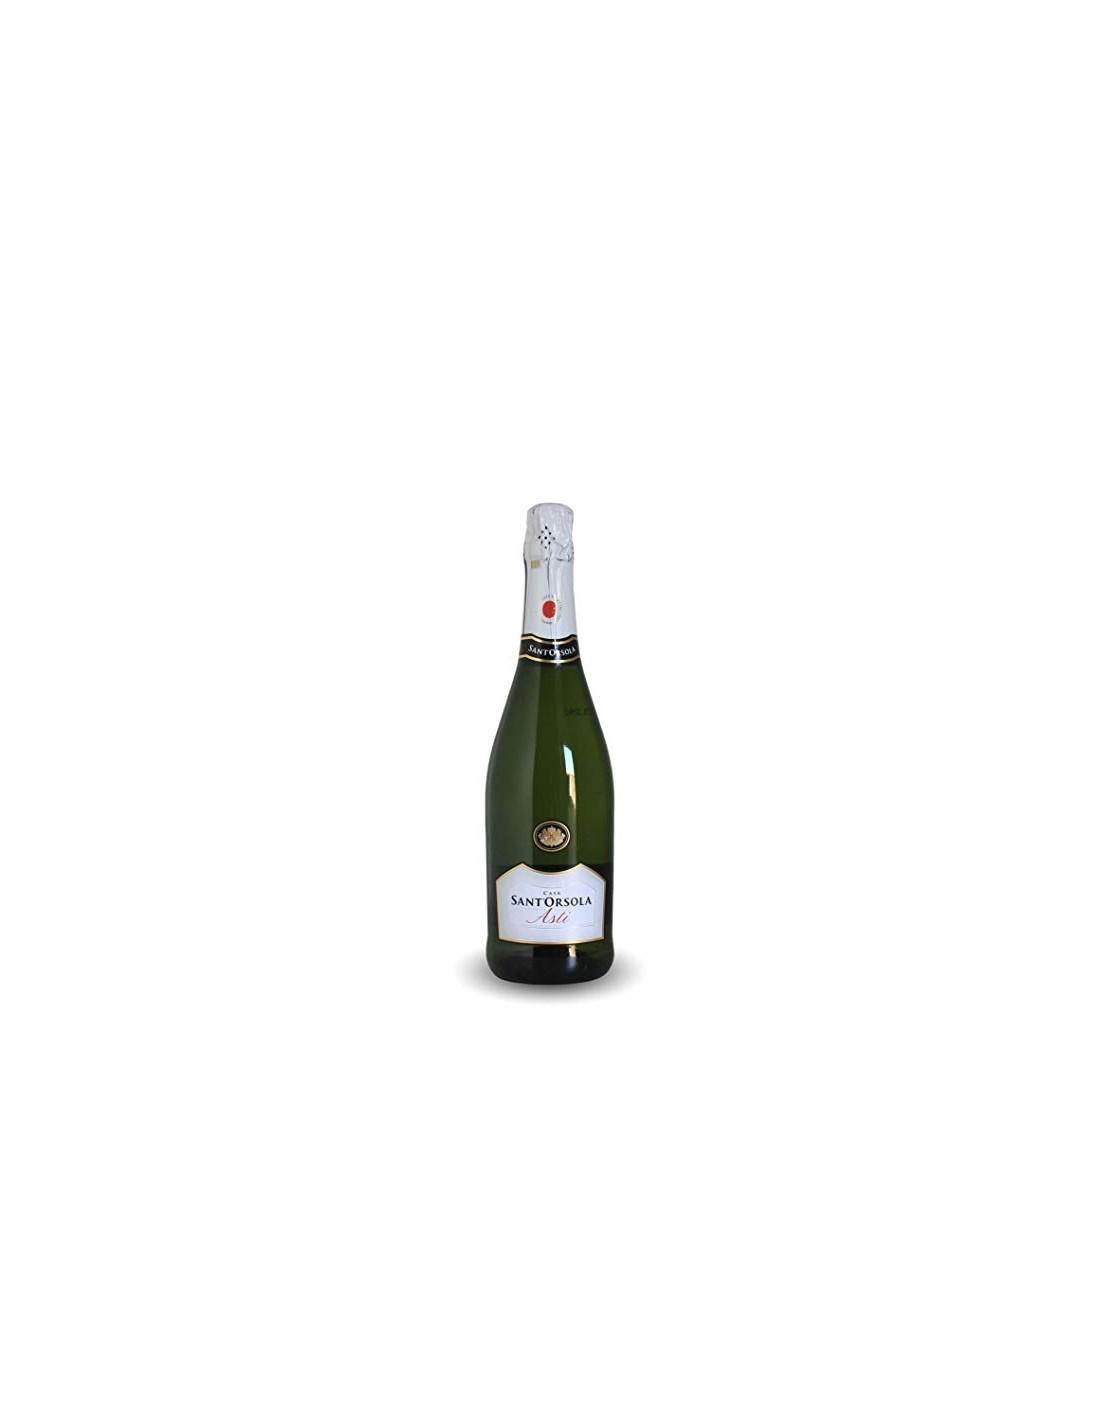 Vin spumant alb, Casa Sant'Orsola Cuvee, 0.75L, 10% alc., Italia